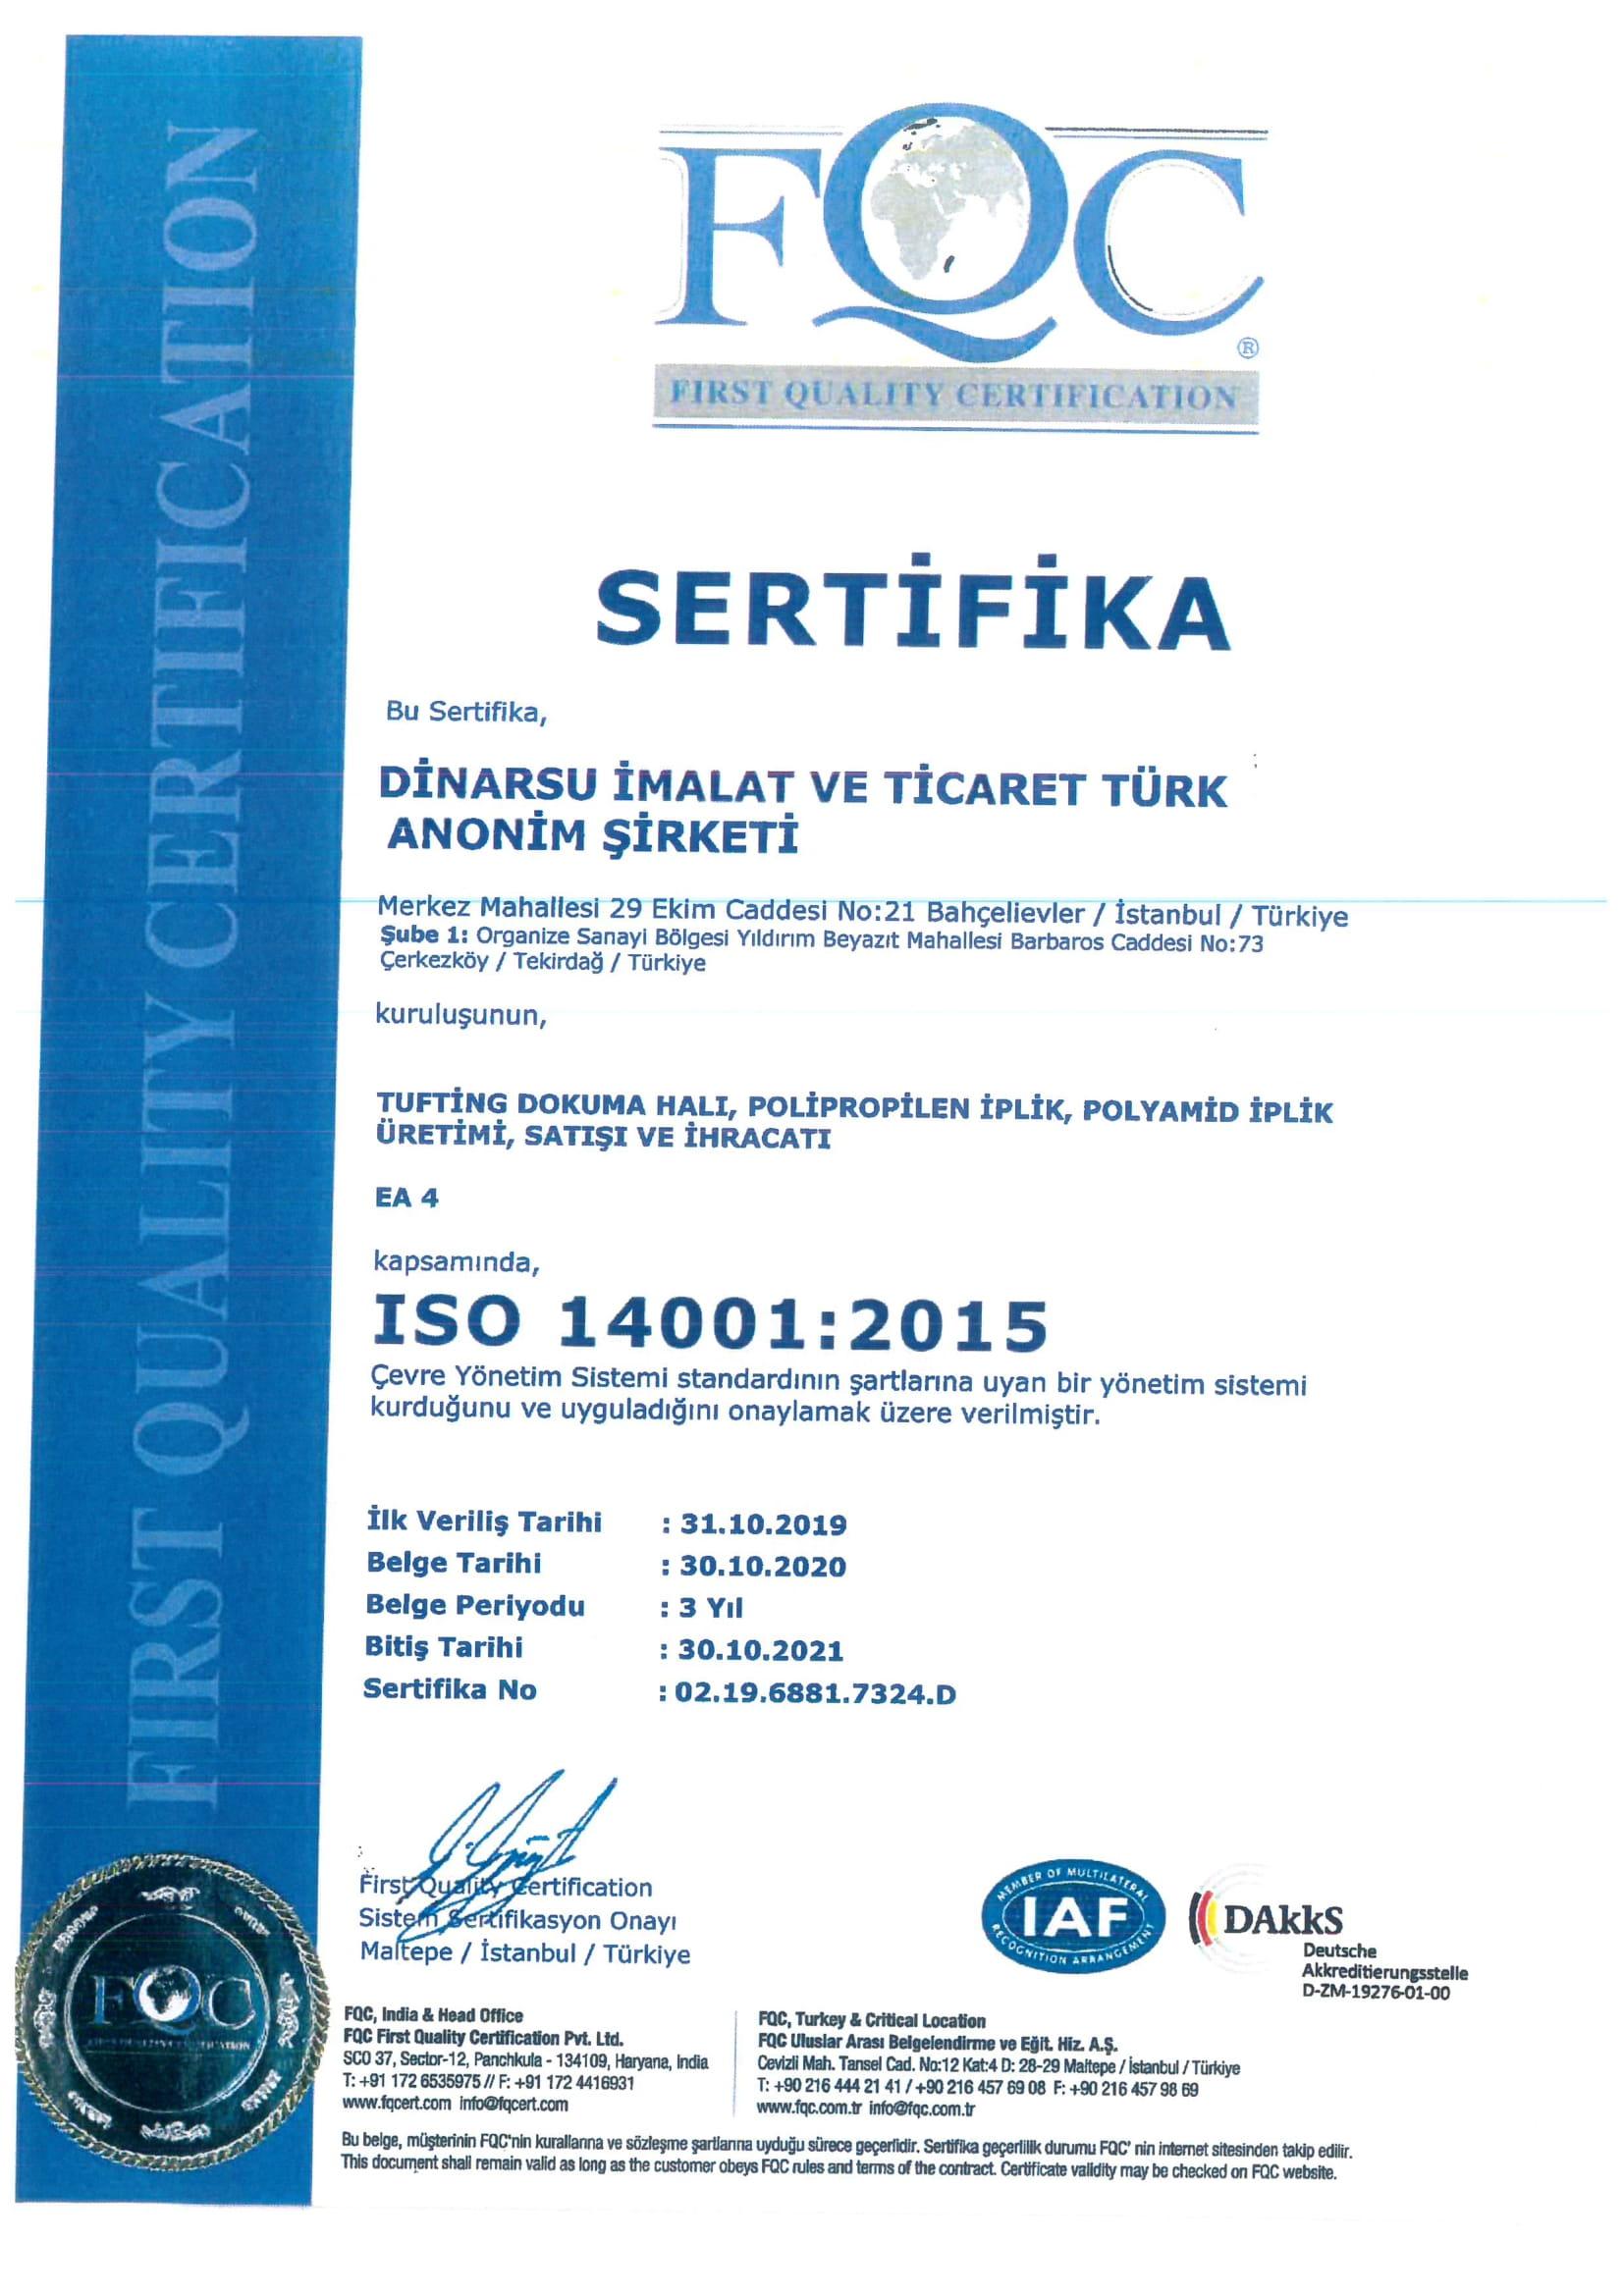 ISO 14001.2015 Sertifika 2021 -1